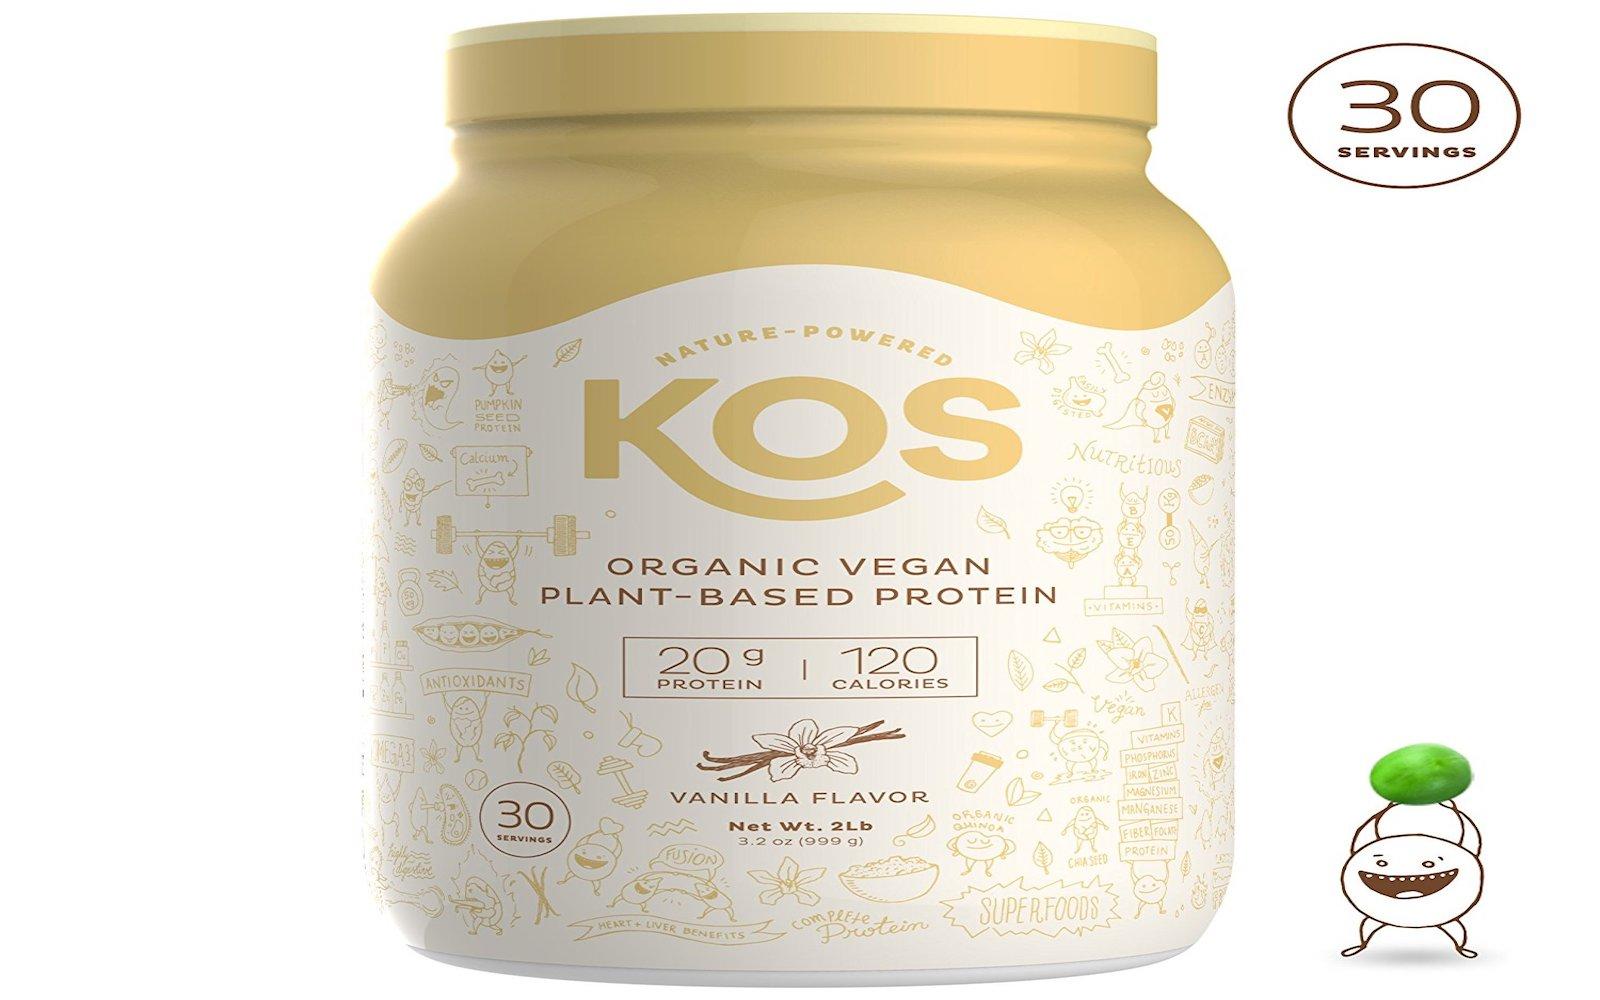 kos organic vegan protein powder